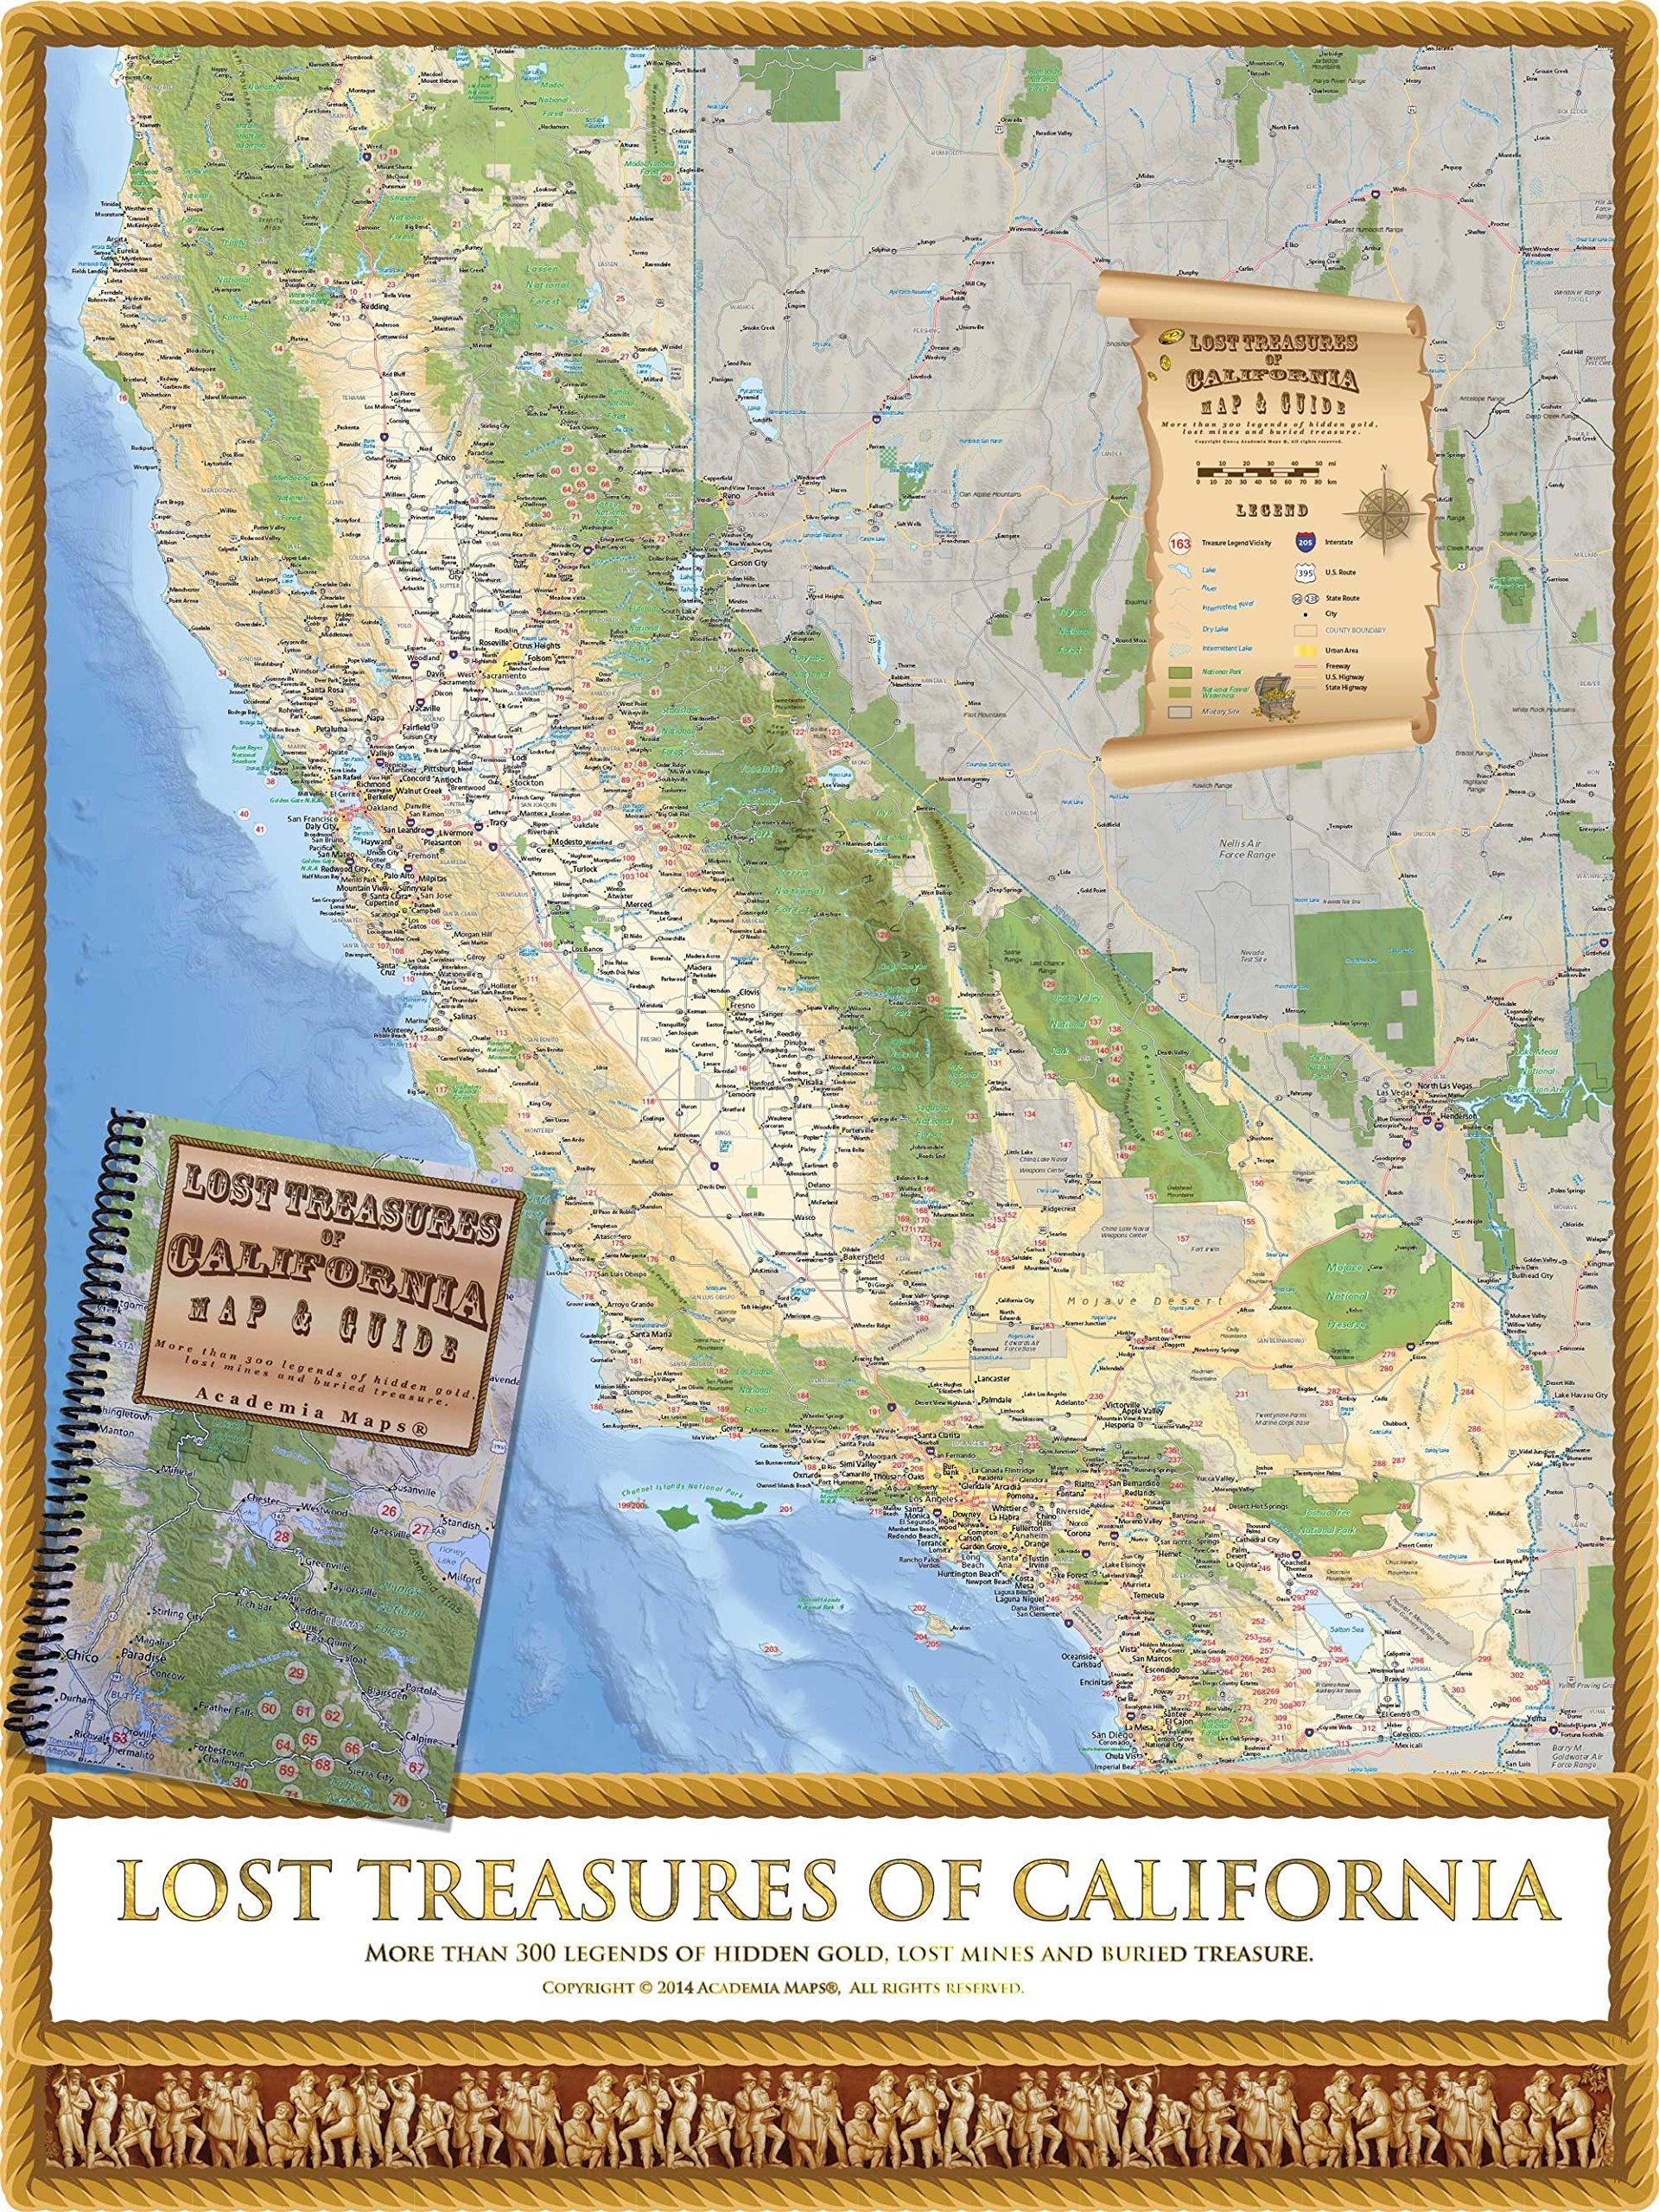 Lost Treasures Of California Map Guide Academia Maps - Maps of california